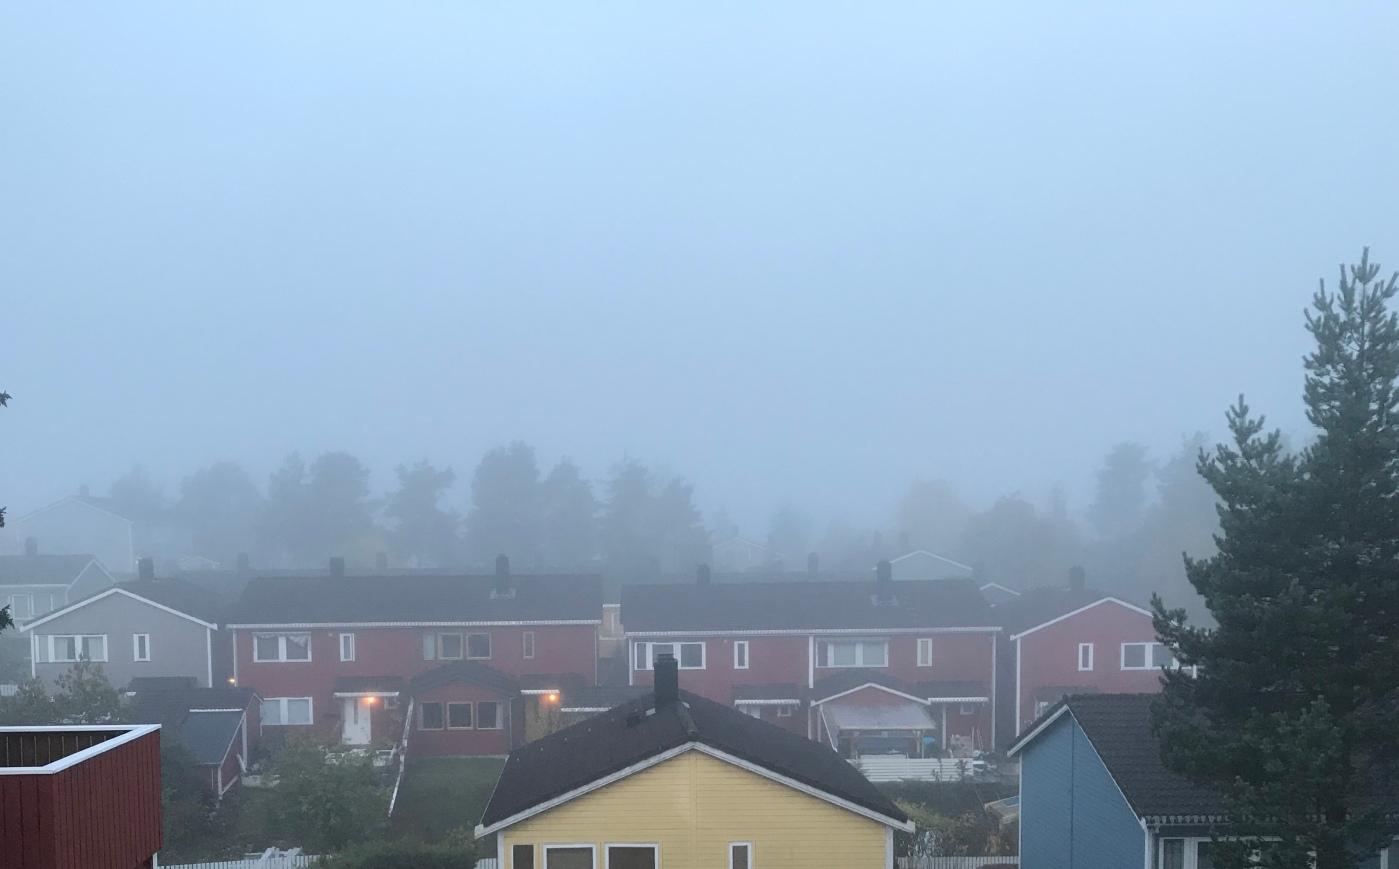 Bilde av hus og tåke